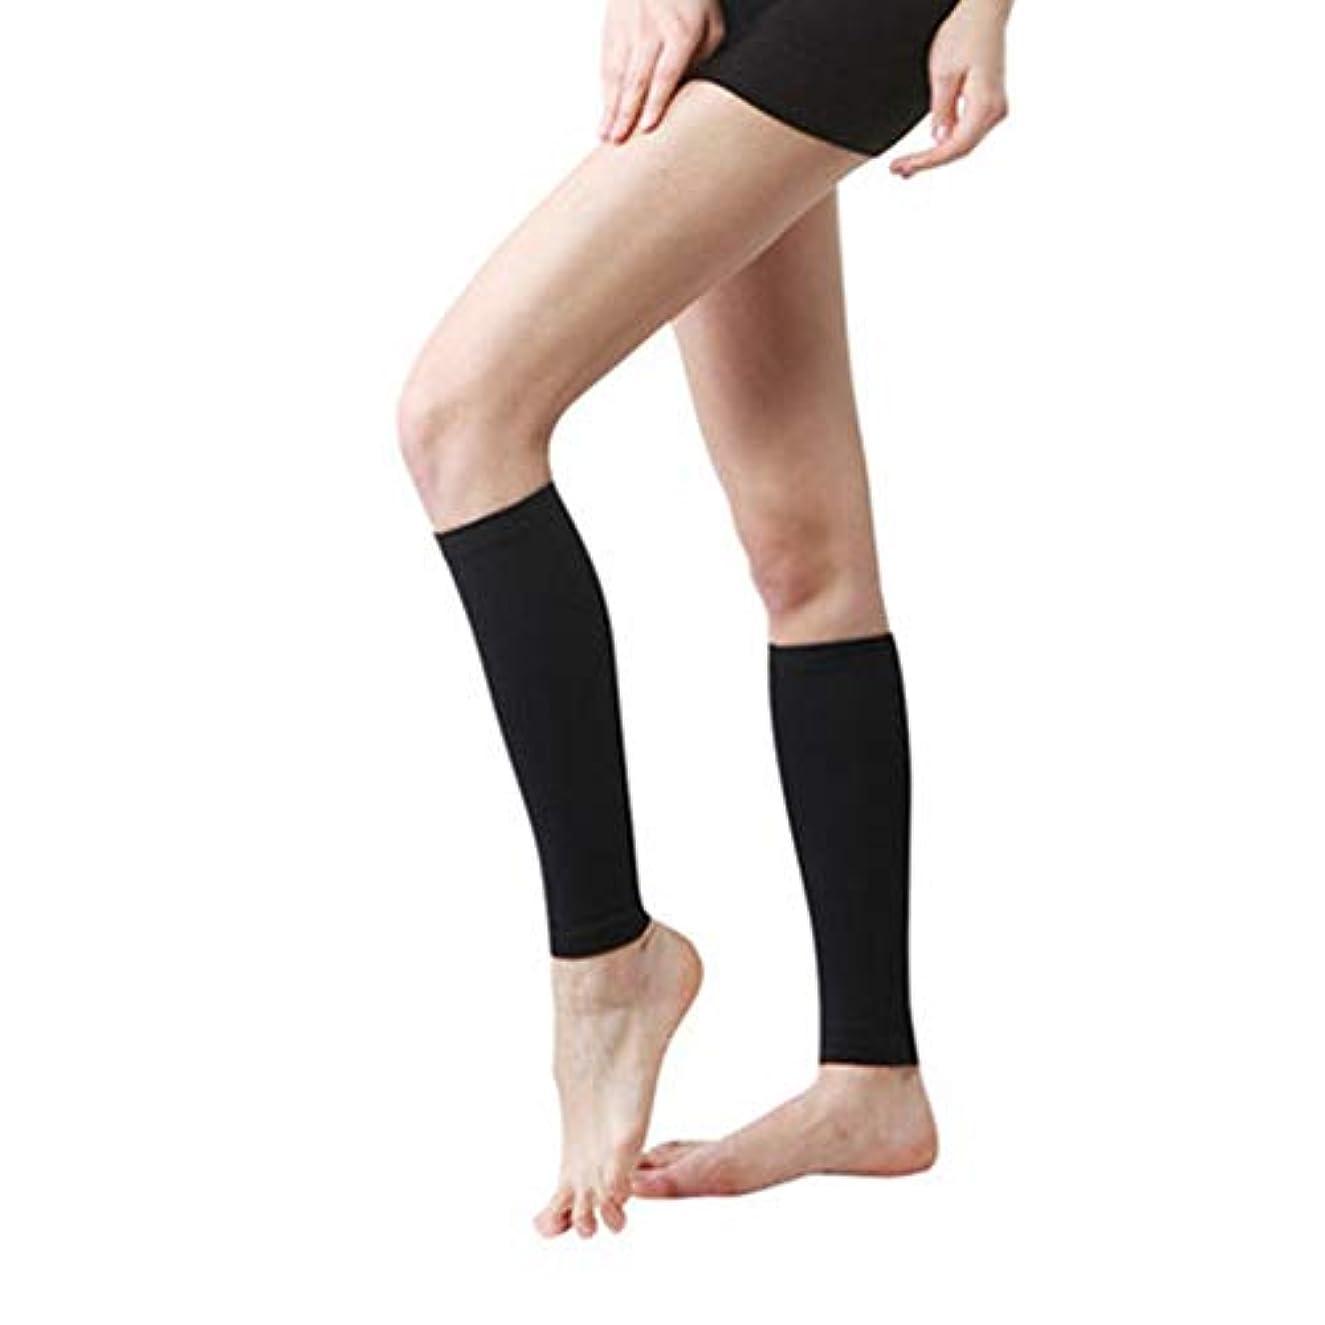 市町村欺く受け入れ丈夫な男性女性プロの圧縮靴下通気性のある旅行活動看護師用シンススプリントフライトトラベル - ブラック